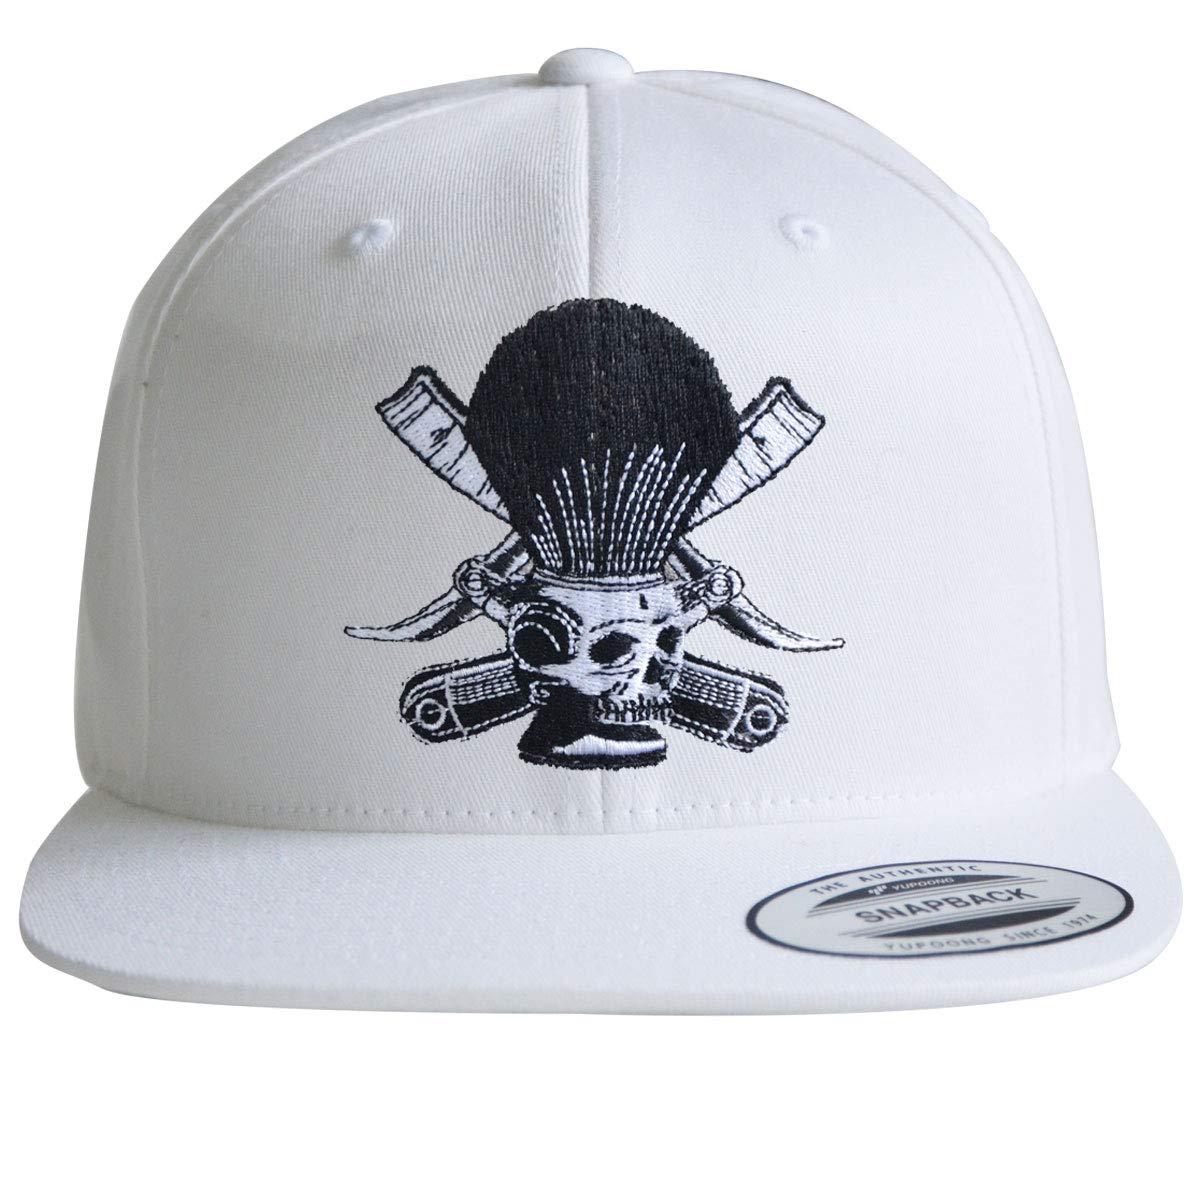 Snapback    Barber Cap   Skull Cap   Herren & Damen Kappe   Cappy mit Hochwertiger Stickerei   ONE Größe   Flexfit Caps B07KKCJ9MD Baseball Caps Ausgezeichnete Leistung